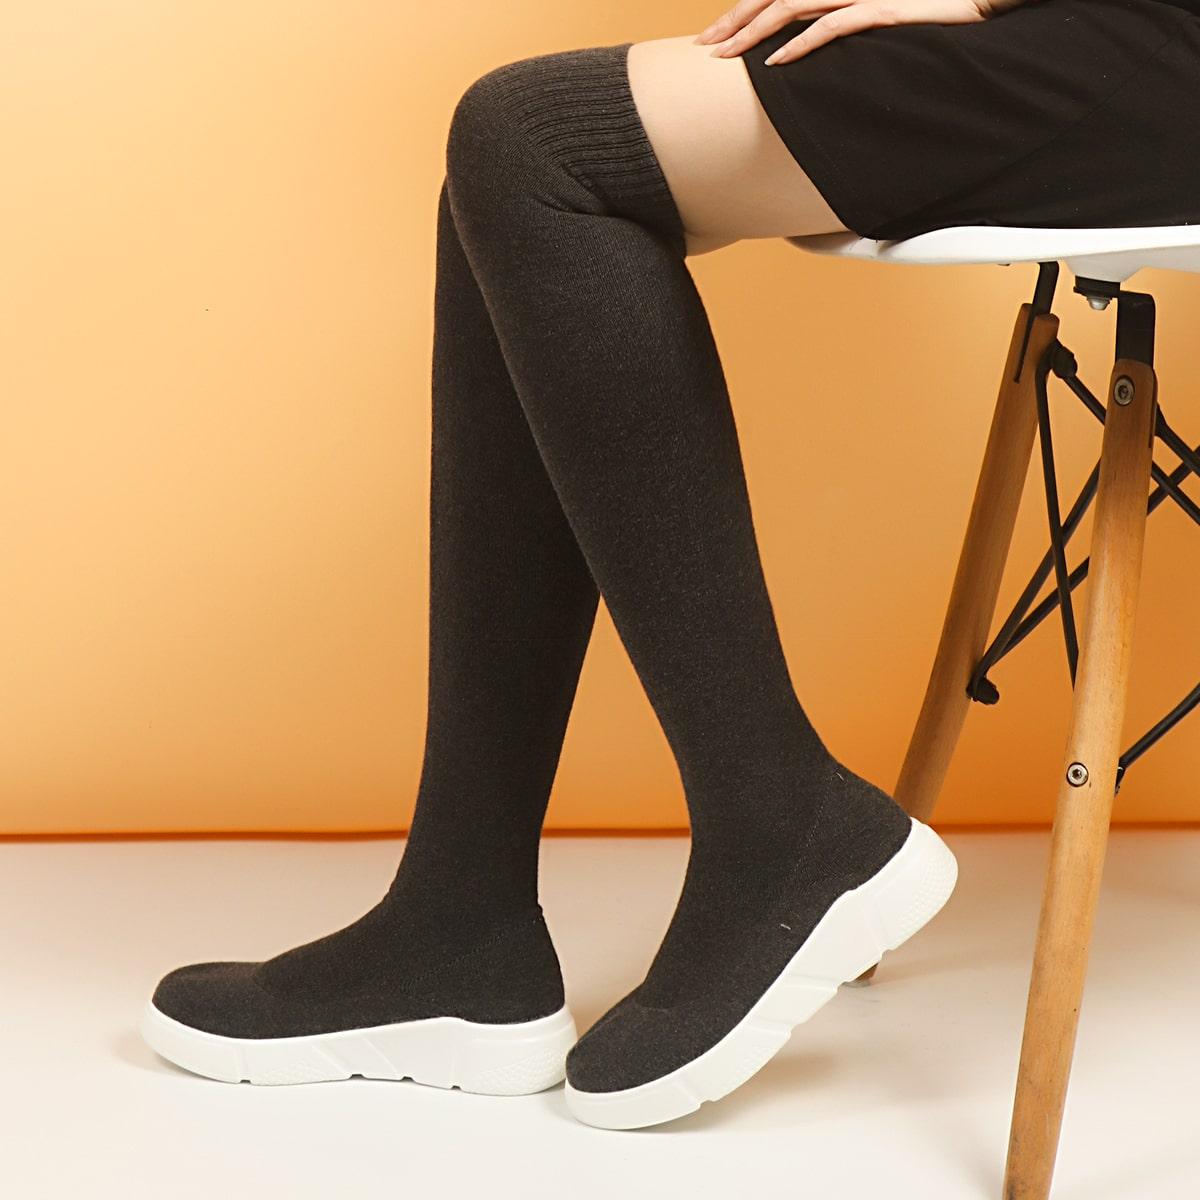 SHEIN / Minimalistische Stiefel mit runder Zehenpartie